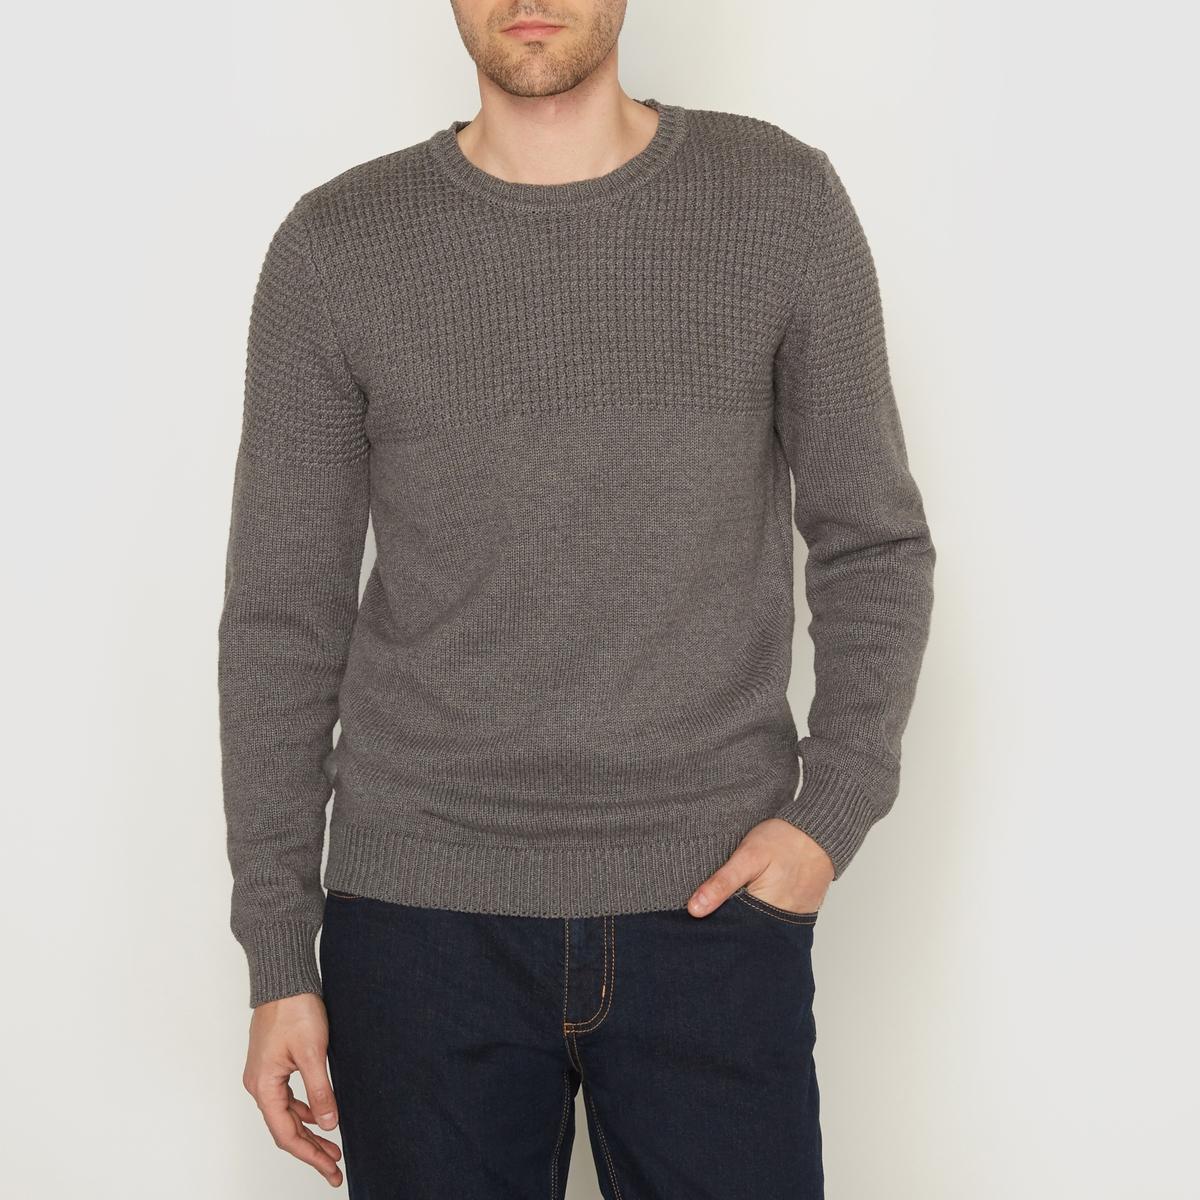 Пуловер из трикотажа мулинеСостав и описание:Материал: 100% хлопка.Длина: 68 см.Марка : R edition<br><br>Цвет: серый меланж<br>Размер: S.XXL